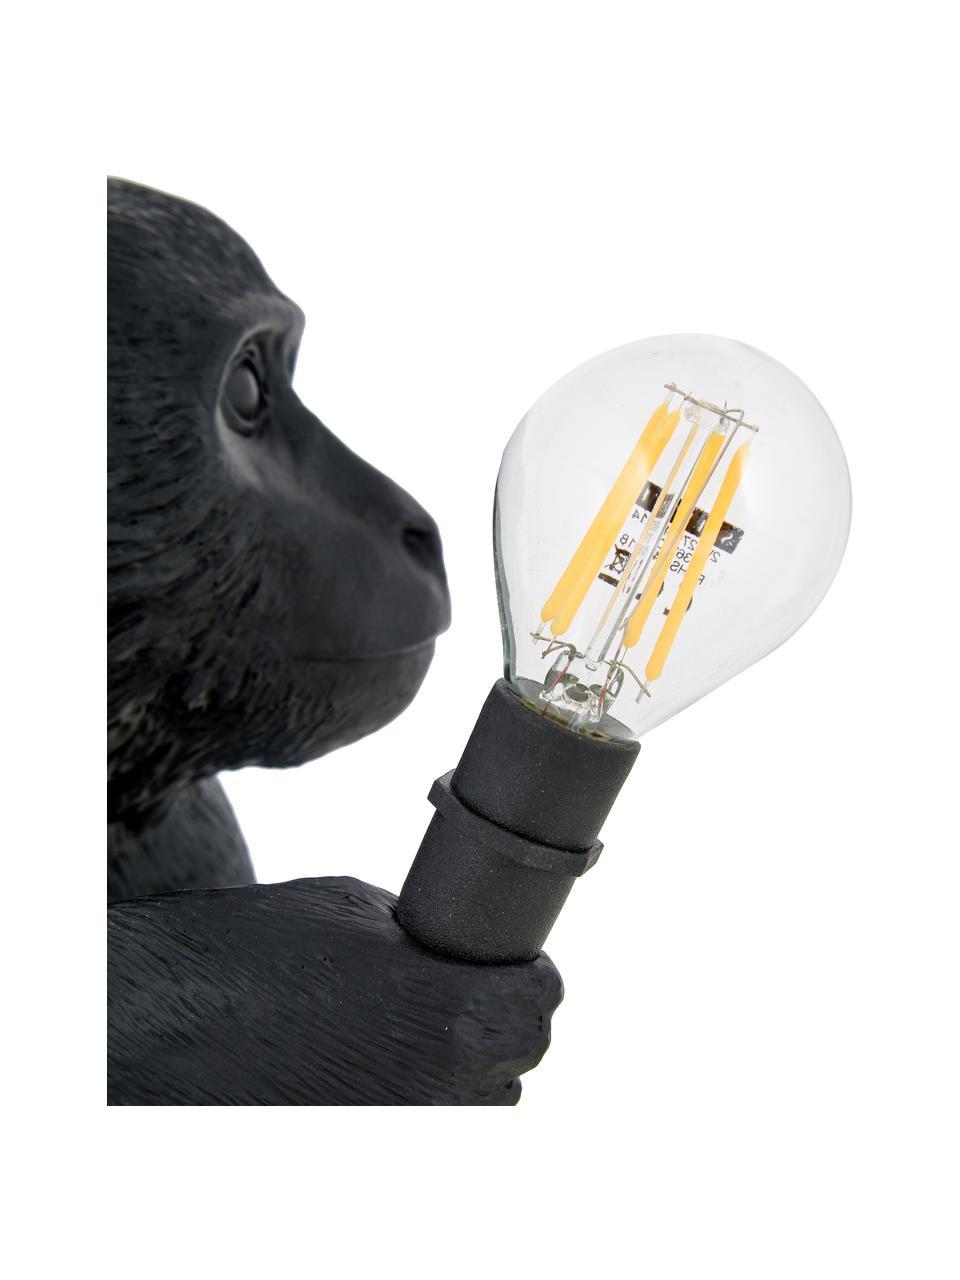 Lampe à poser design LED pour extérieur, avec prise Monkey, Noir